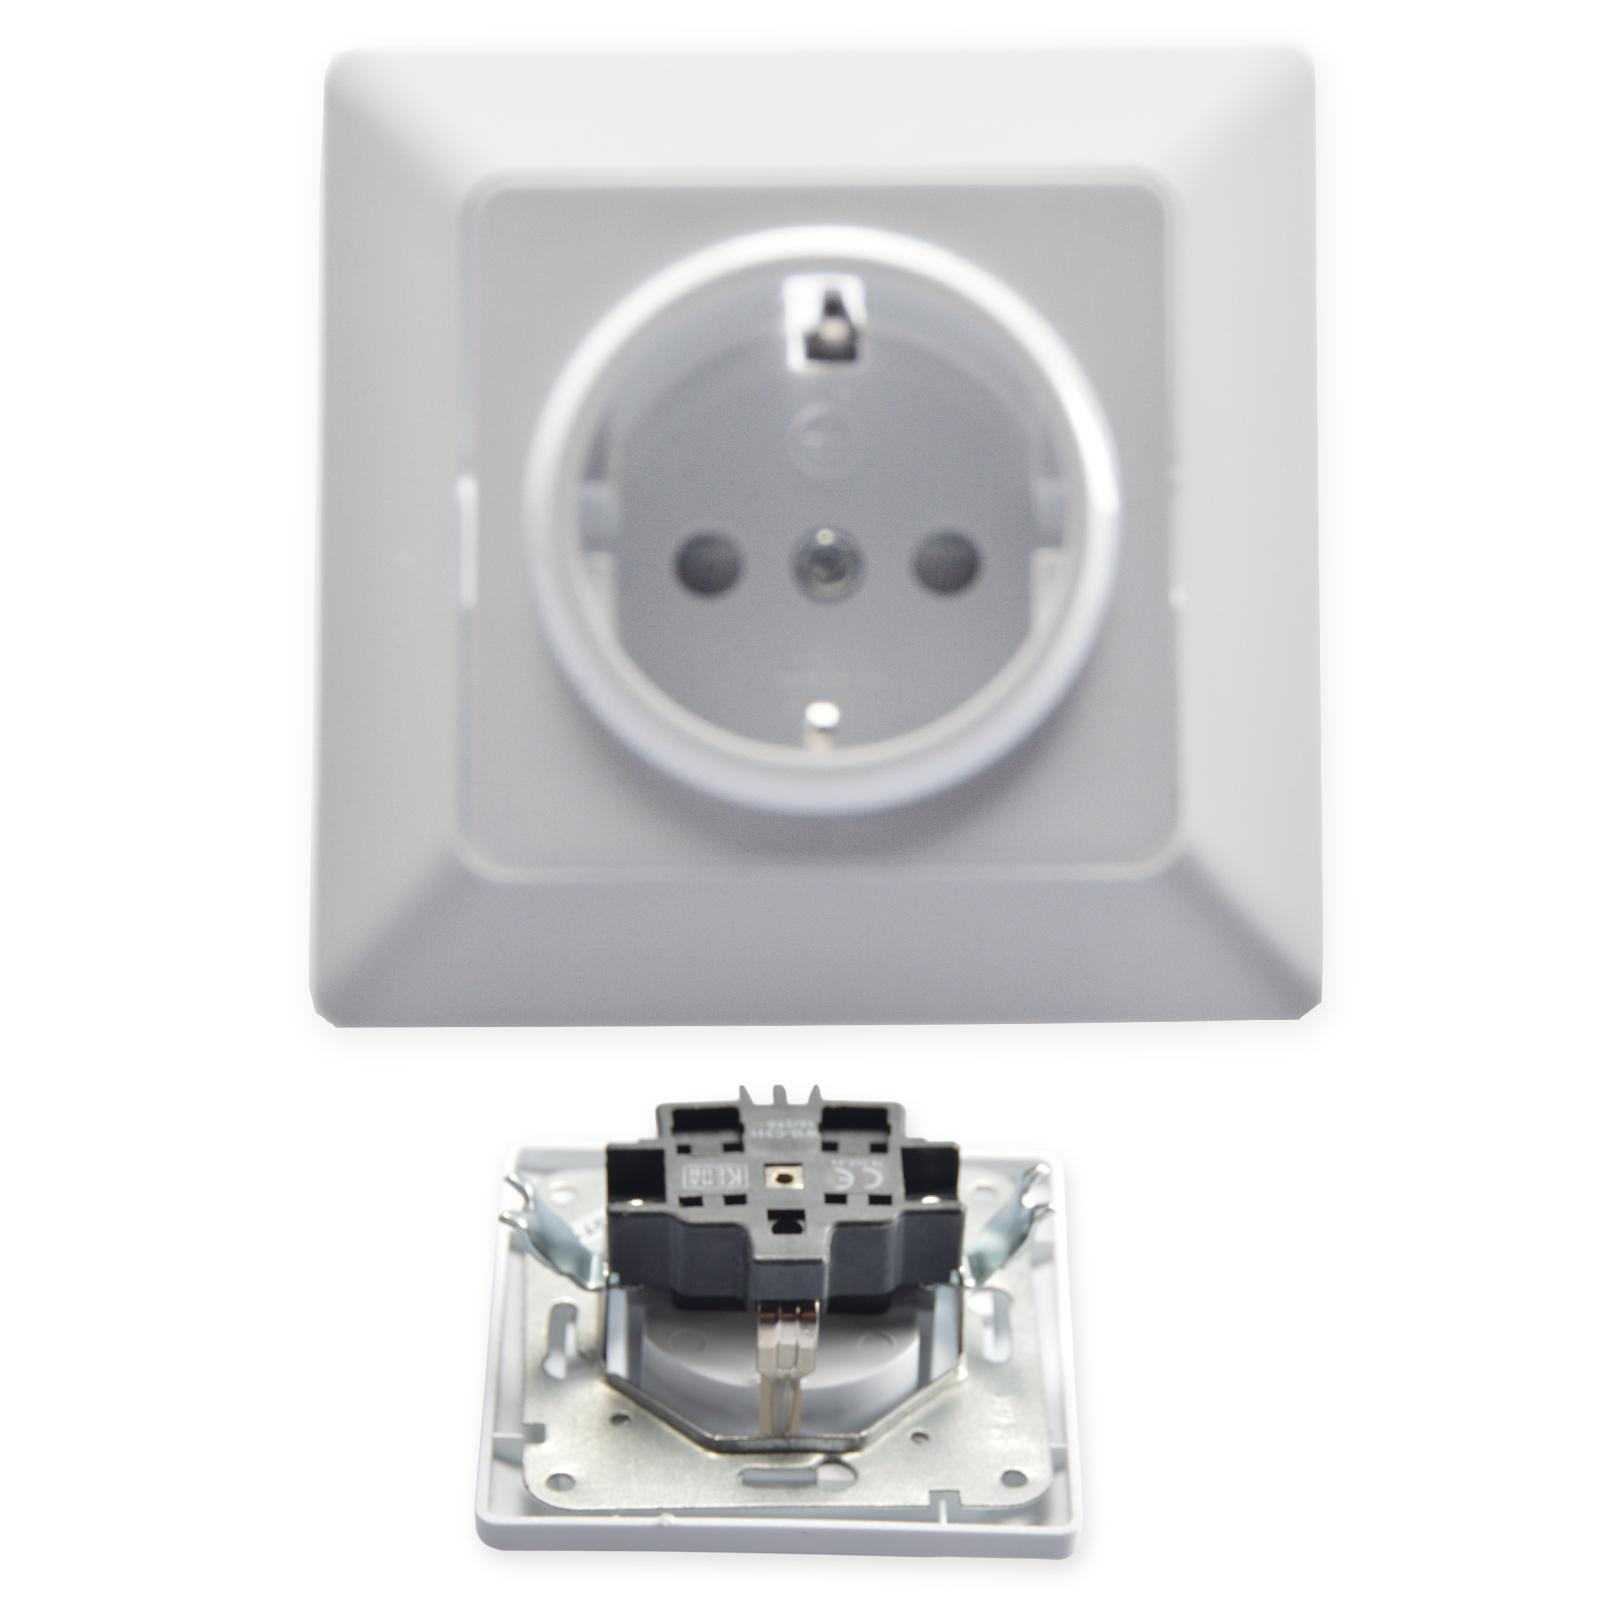 universal schalter lichtschalter steckdose dimmer verkleidung wippenschalter ebay. Black Bedroom Furniture Sets. Home Design Ideas